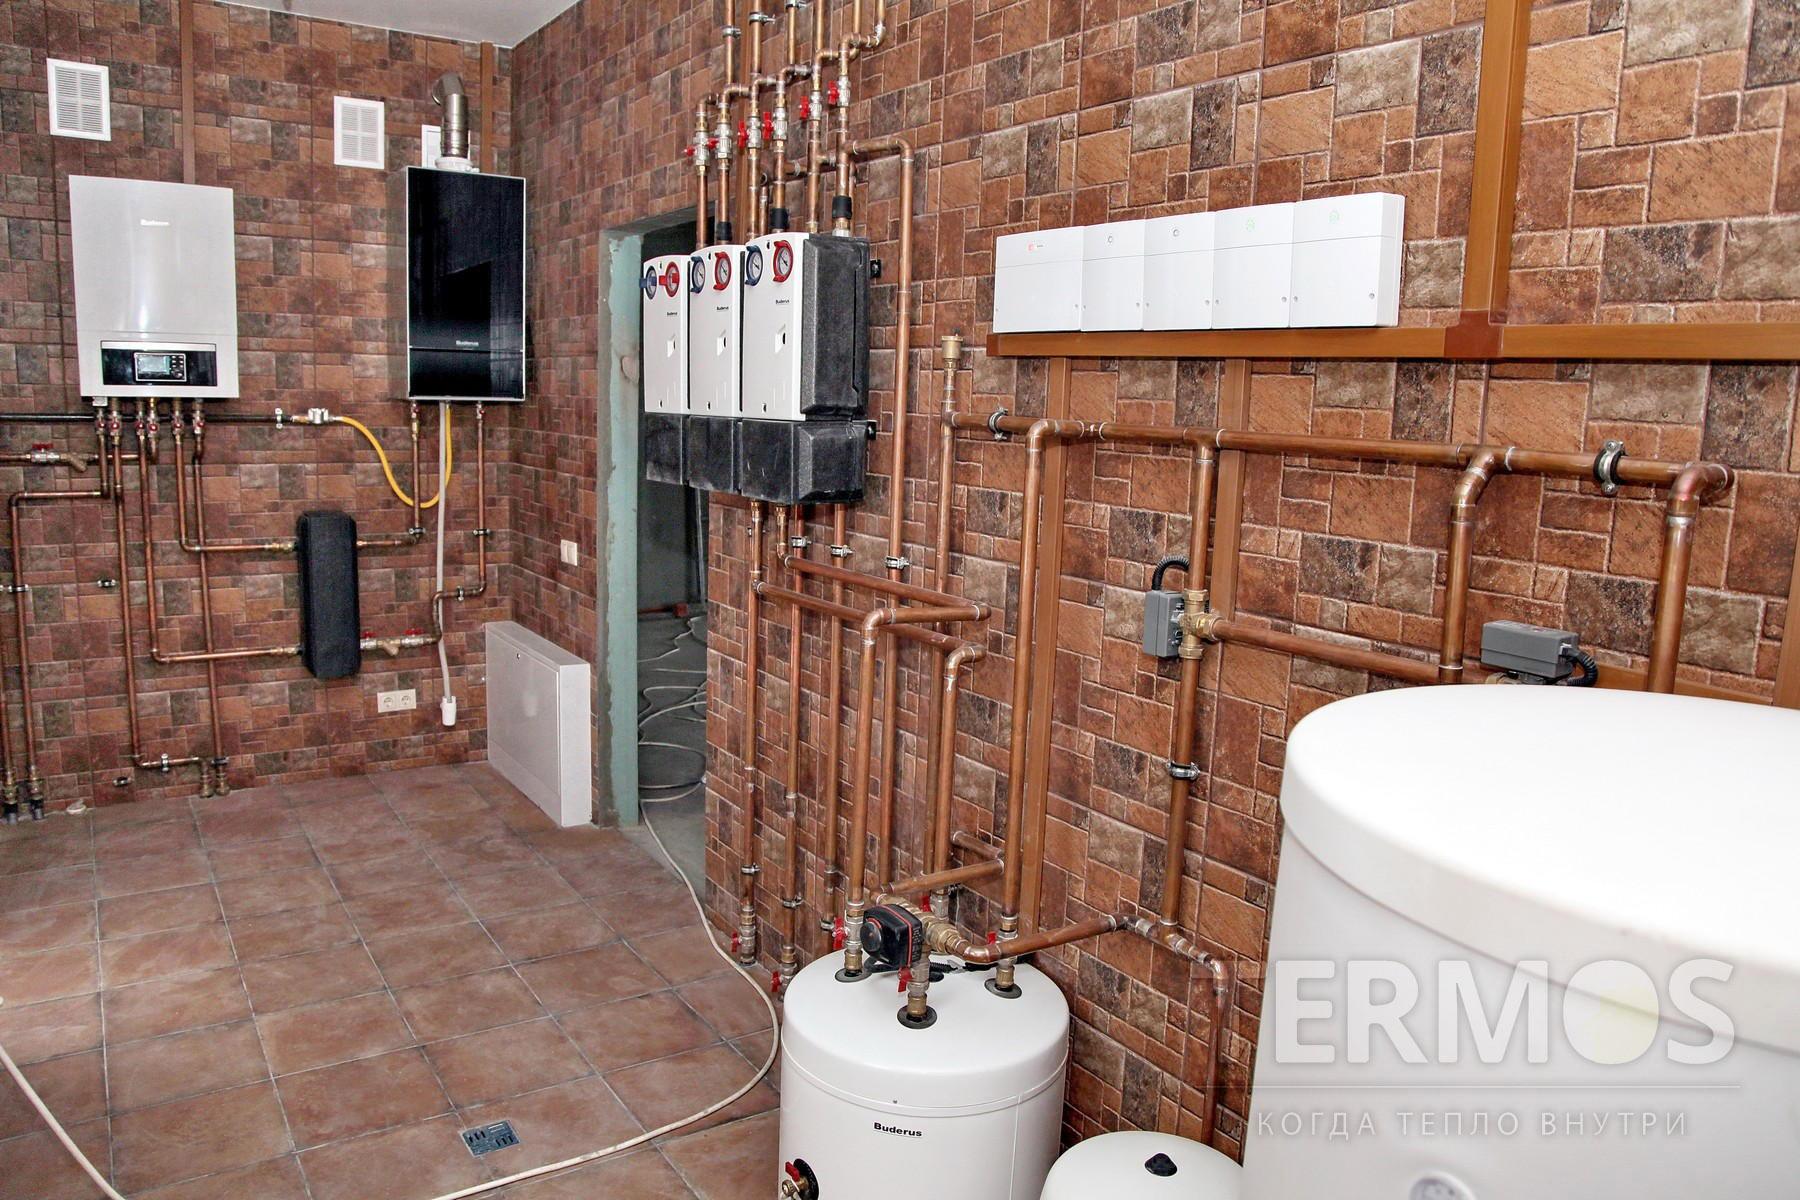 Иванковичи. Коттедж 300 кв.м. Тепловой насос выполняет функции отопления, приготовления горячей воды, нагрев бассейна, охлаждение дома летом